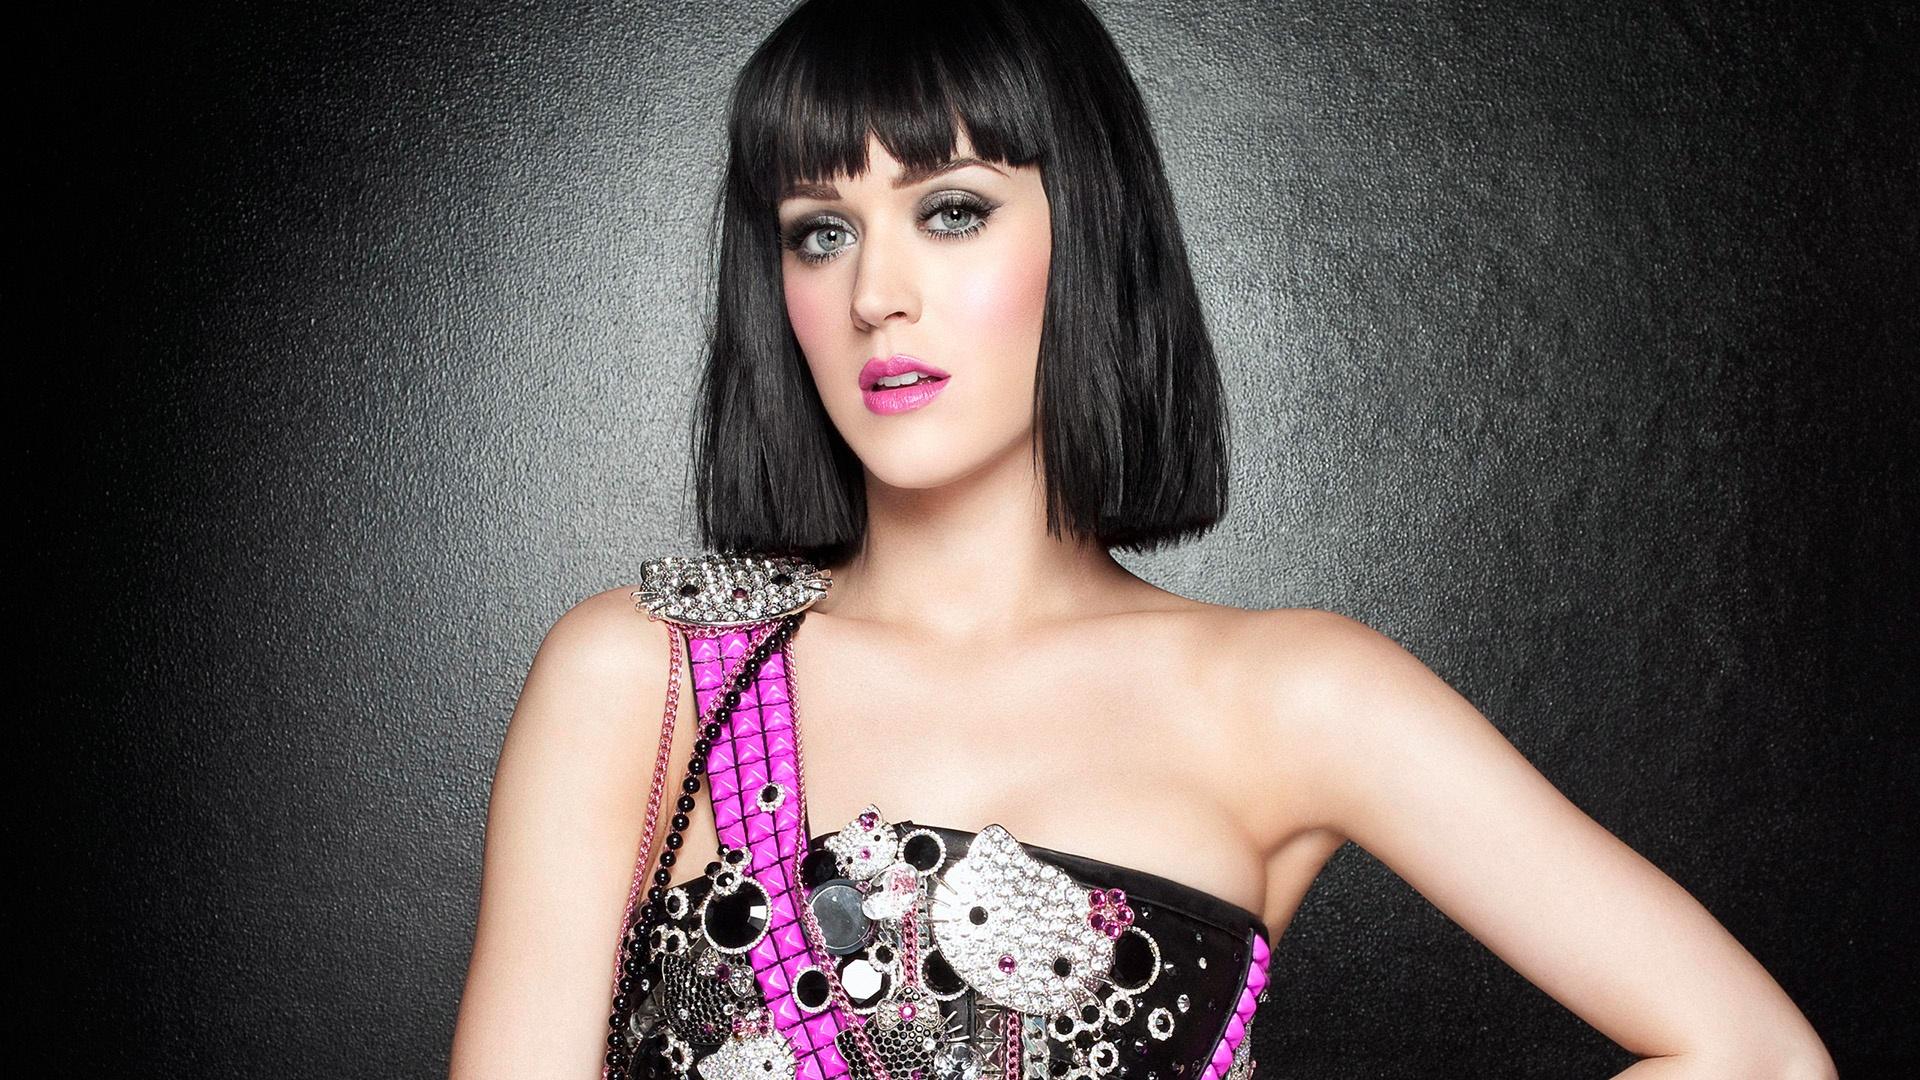 Happy Fall Desktop Wallpaper Desktop Katy Perry Hd Wallpapers Pixelstalk Net